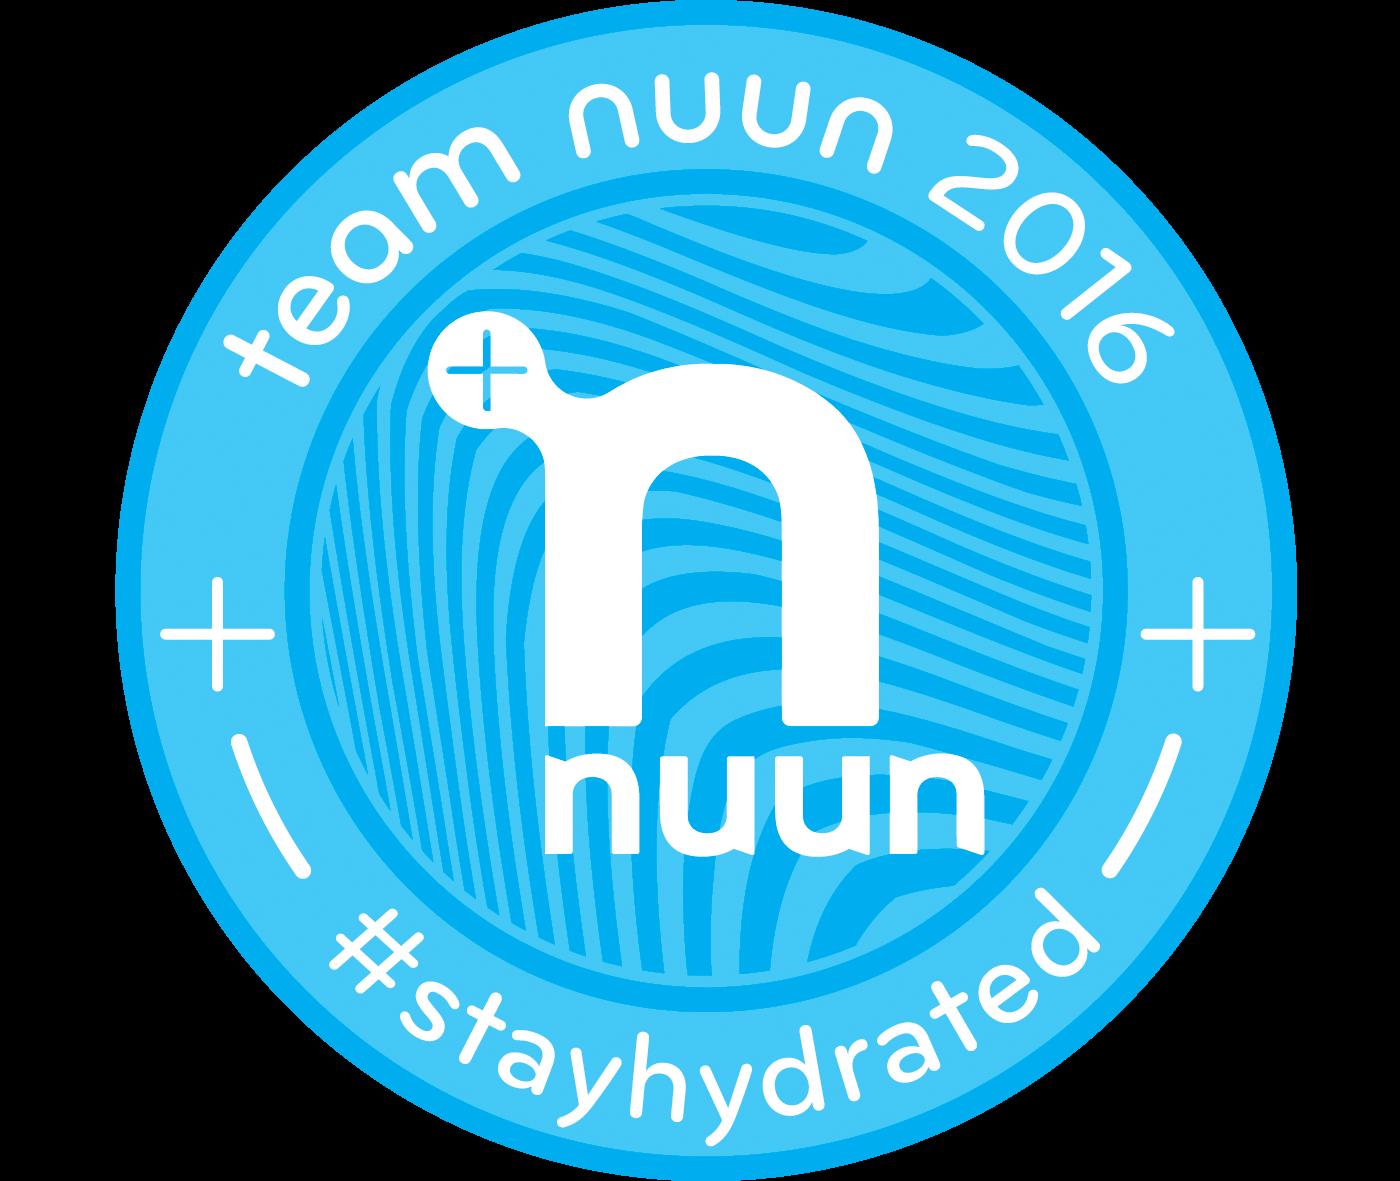 Team Nuun 2016